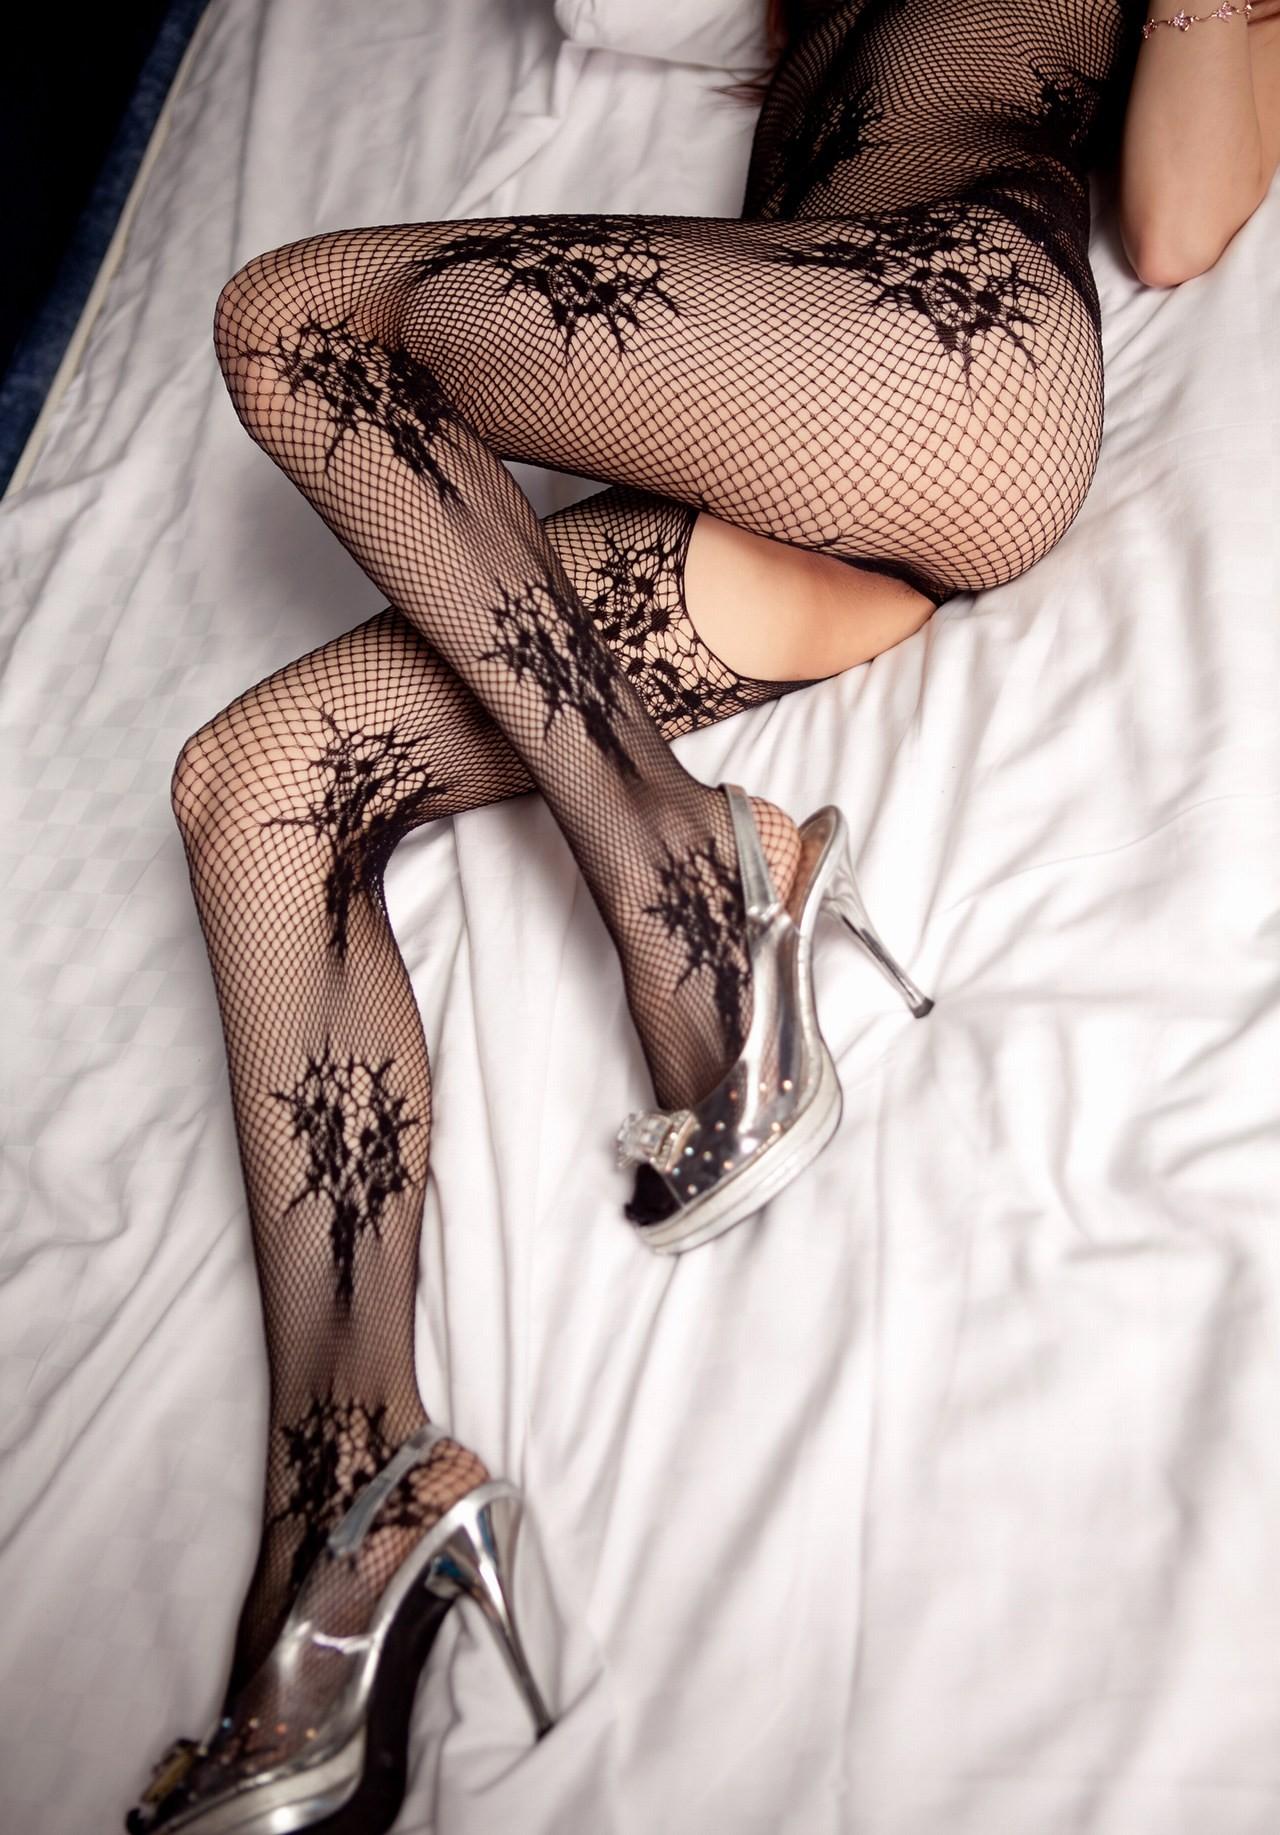 【下着エロ画像】股間は穴開きw行為用でしかない全身網タイツを纏う痴女www 07